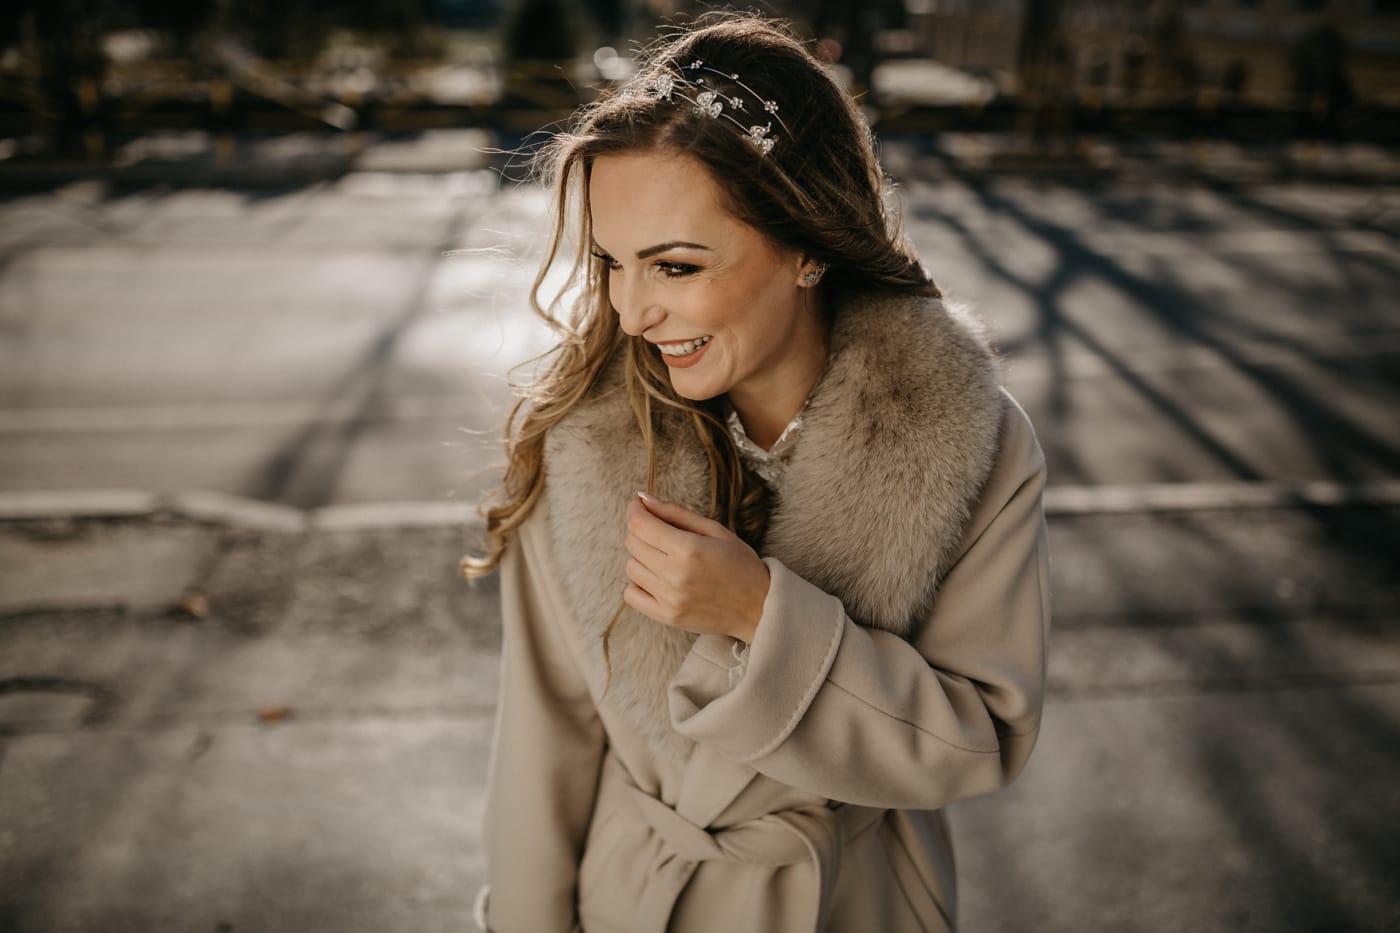 かわいい女の子, ポーズ, 豪華です, 通り, 幸福, 横から見た図, ファッション, 秋のシーズン, 冬, 縦方向